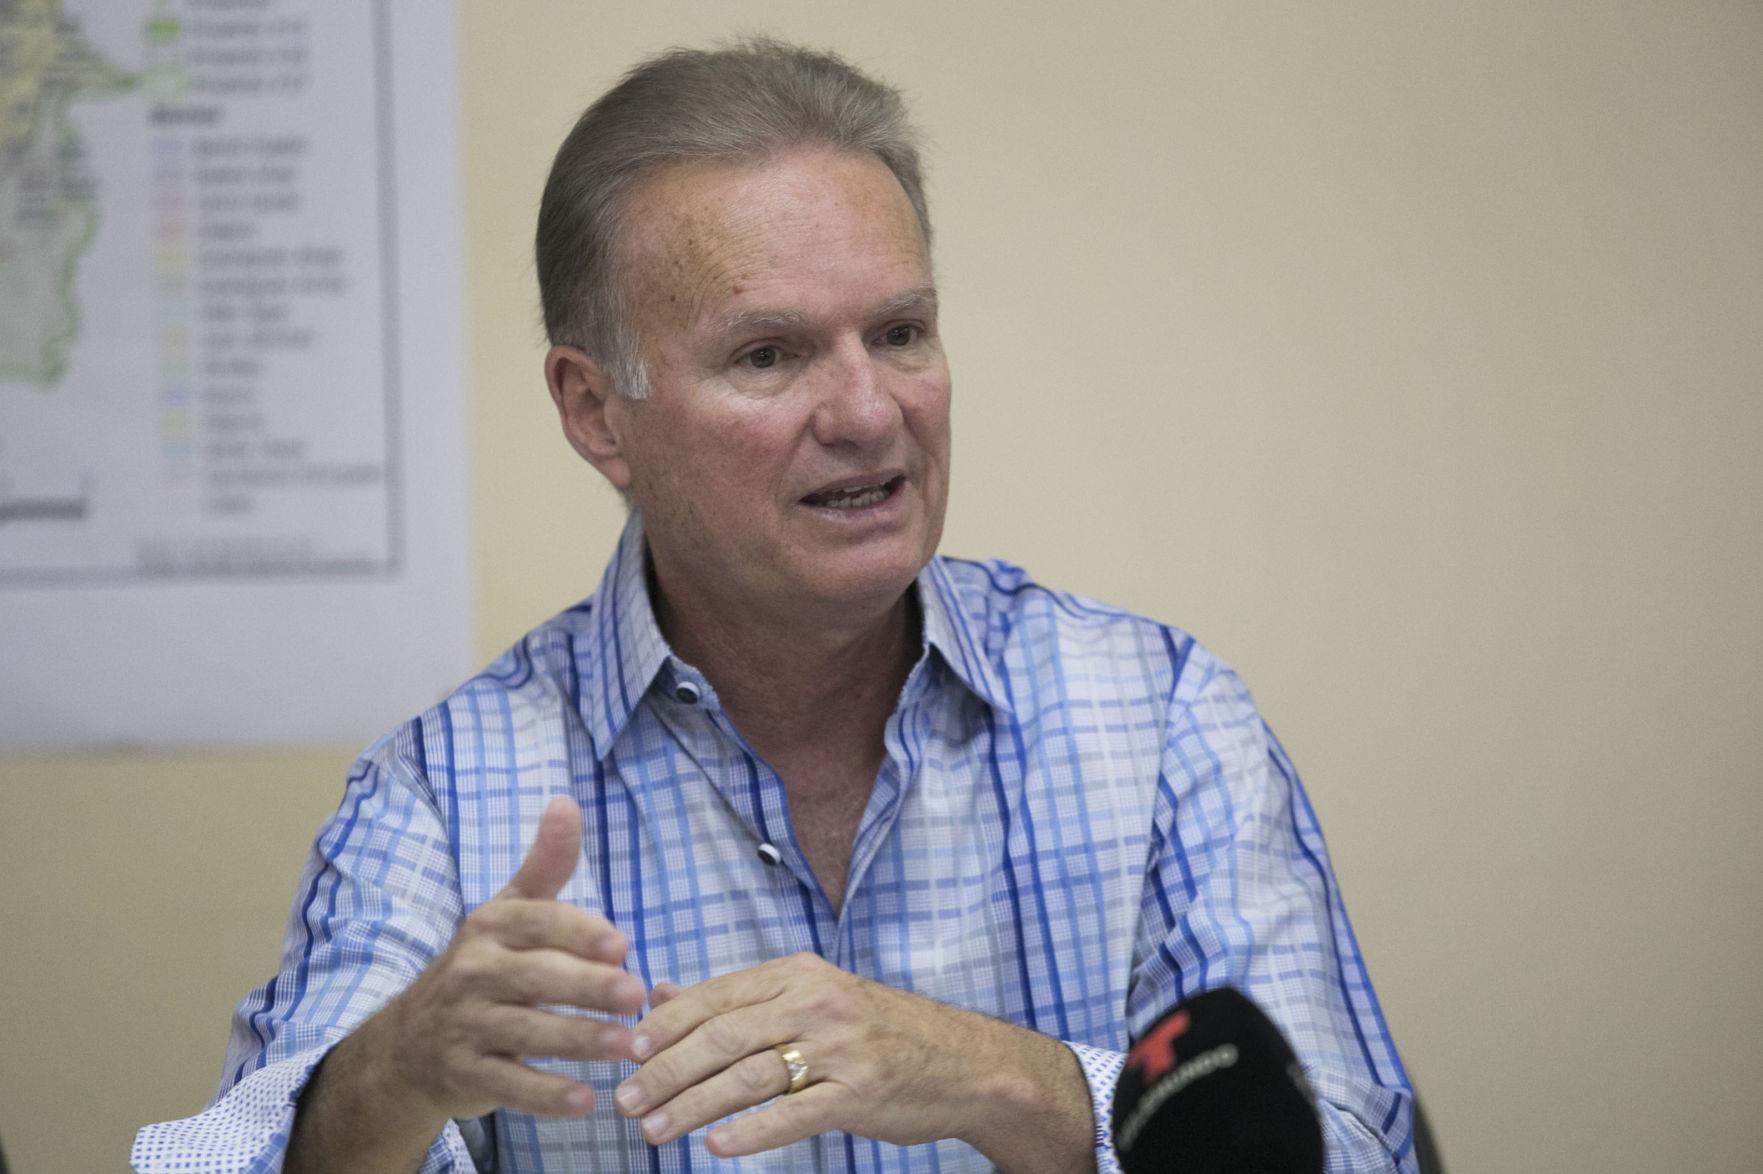 Alcalde de Bayamón le exige la renuncia a Rosselló